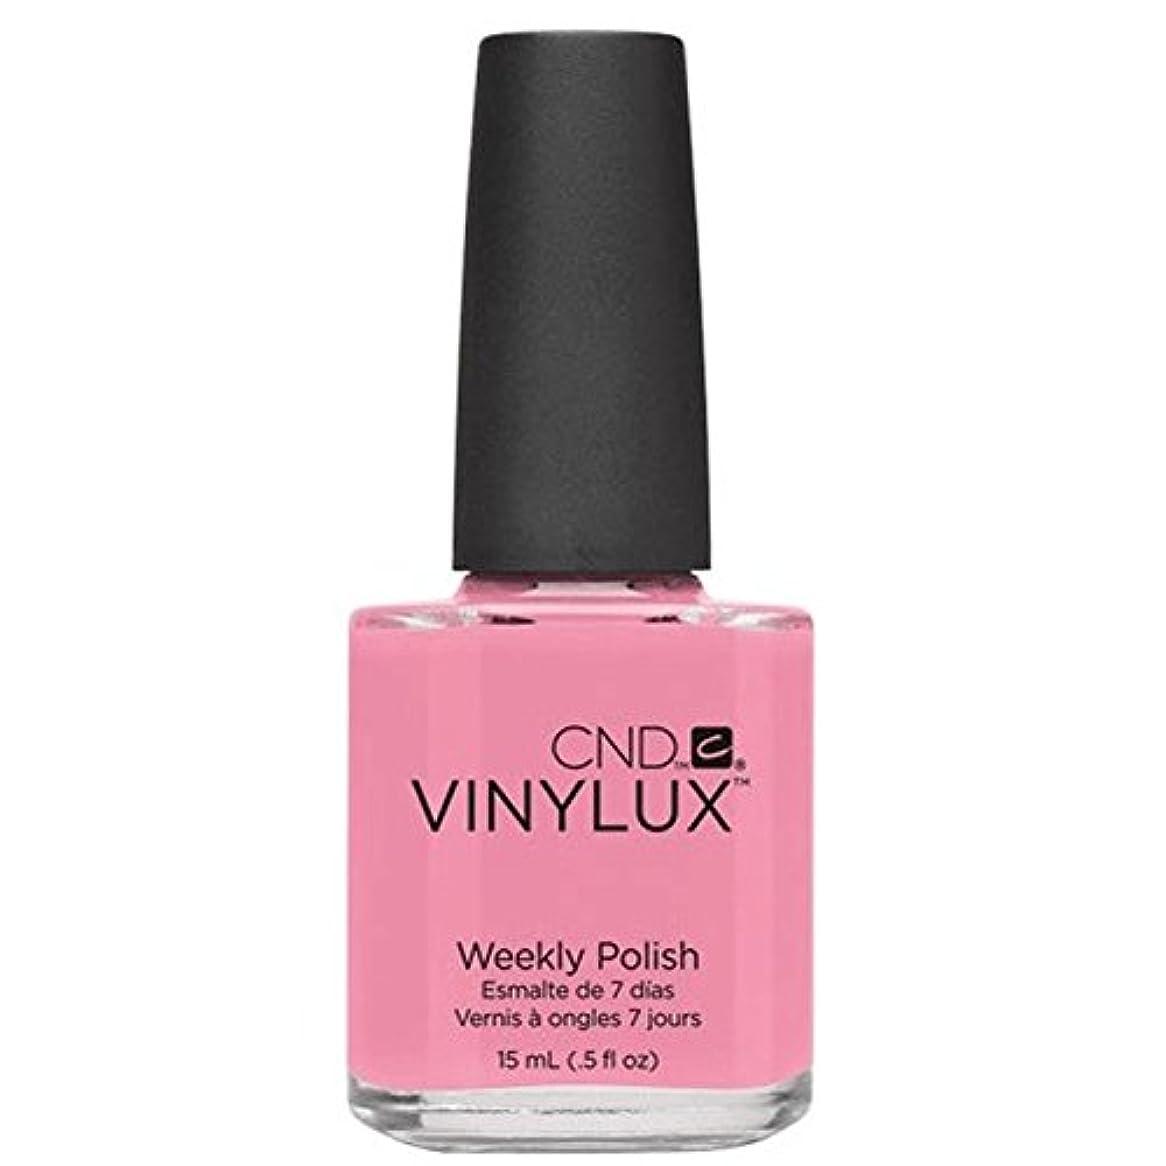 すばらしいです打倒動物CND Vinylux Manicure Lacquer _  Stawberry Smoothie #150_15ml (0.5oz)